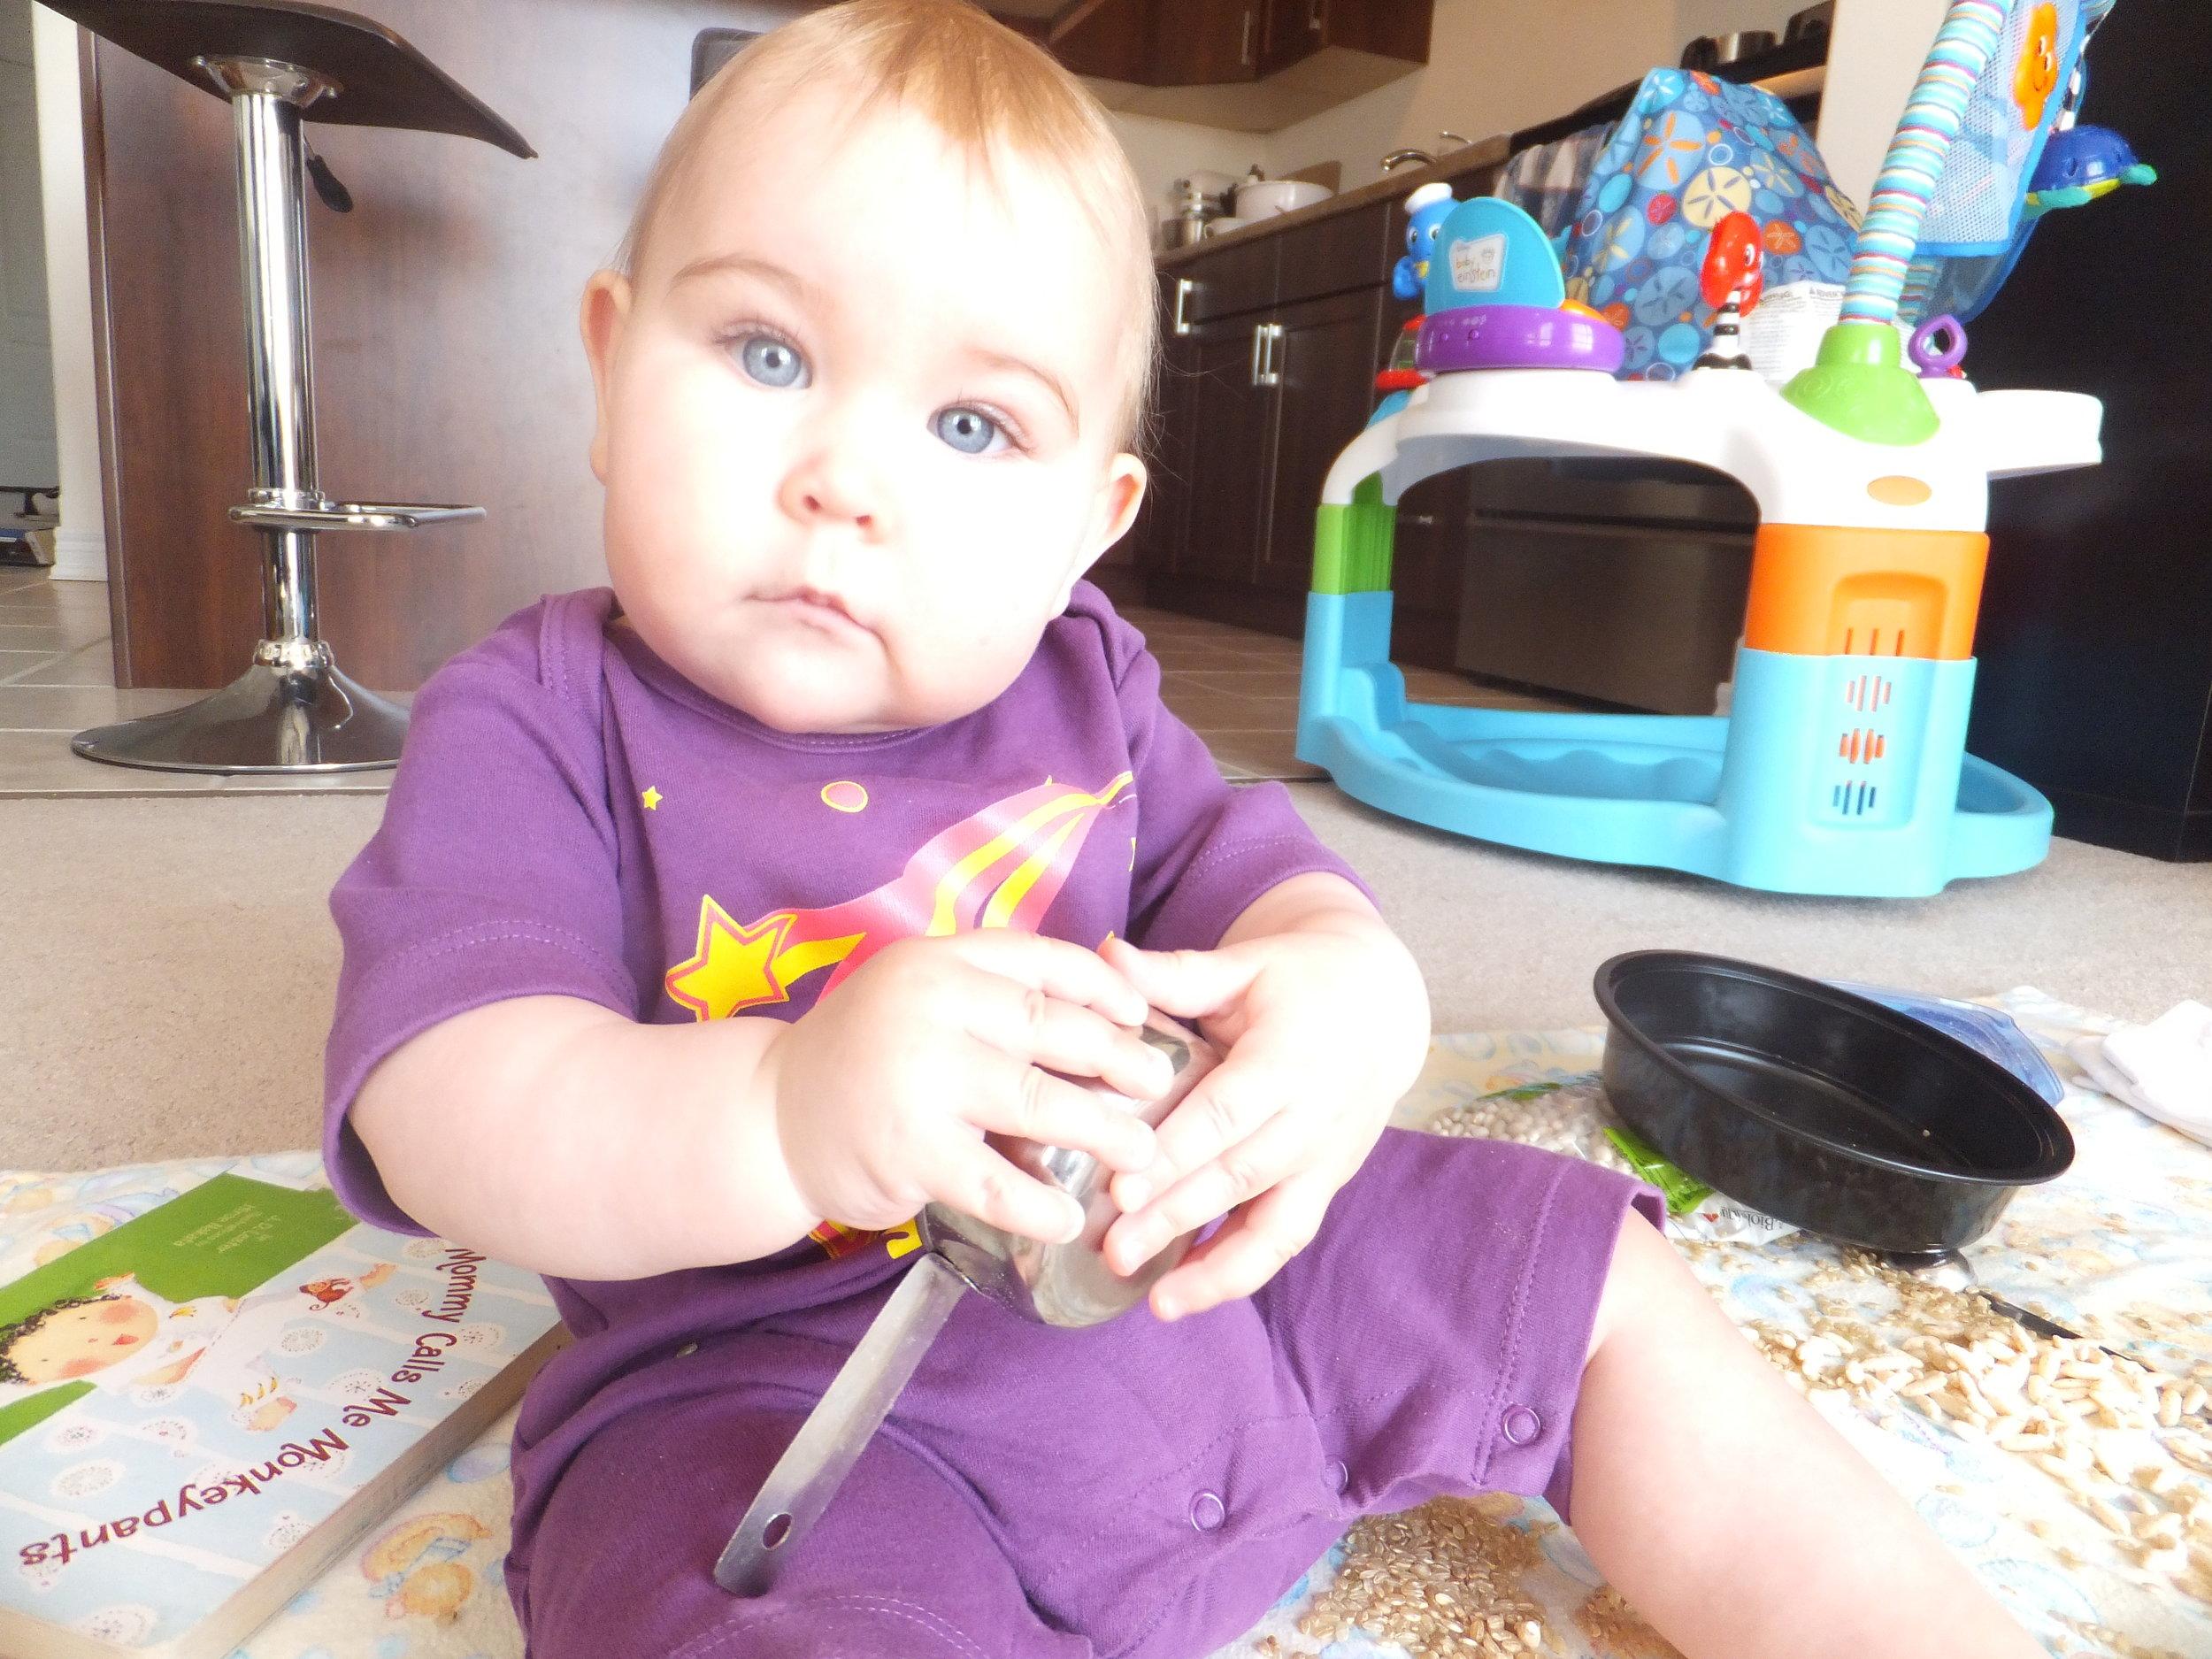 Rocking her Parade baby onesie!